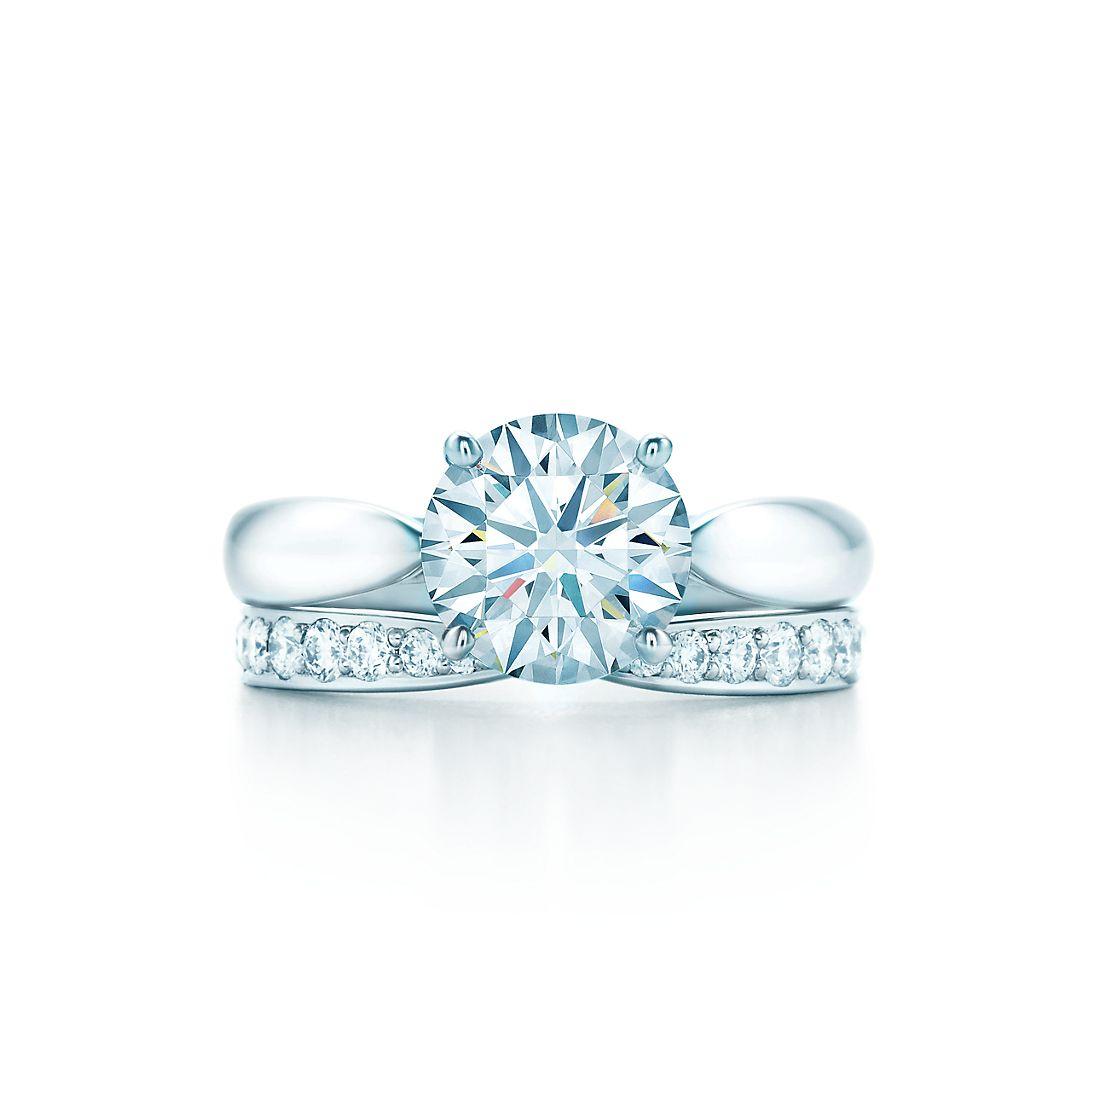 1 49 Ct Shown With Tiffany Harmony Bead Set Diamond Ring